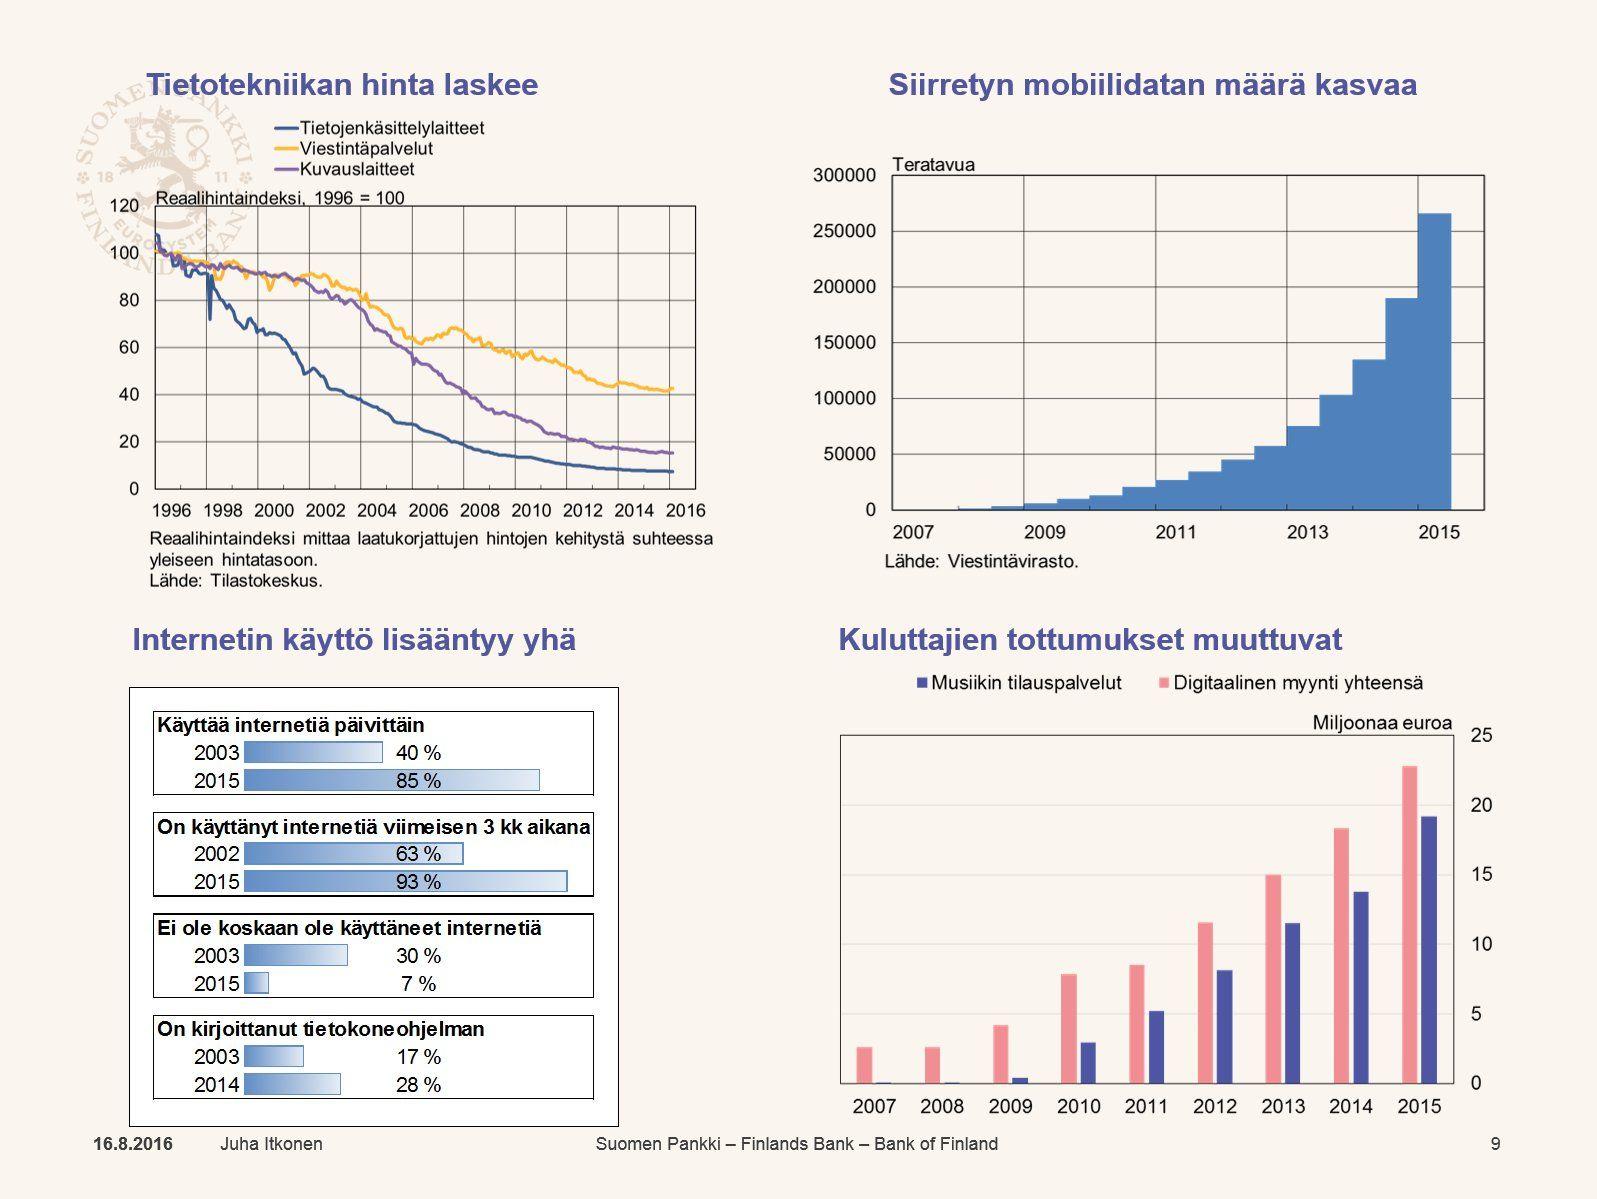 """Juha Itkonen on Twitter: """"#Digitalisaatio jyllää! Hinnat laskee ja käyttö lisääntyy => uudet sovellutukset tulee taloudellisesti kannattaviksi https://t.co/oBpyR66nSl"""""""